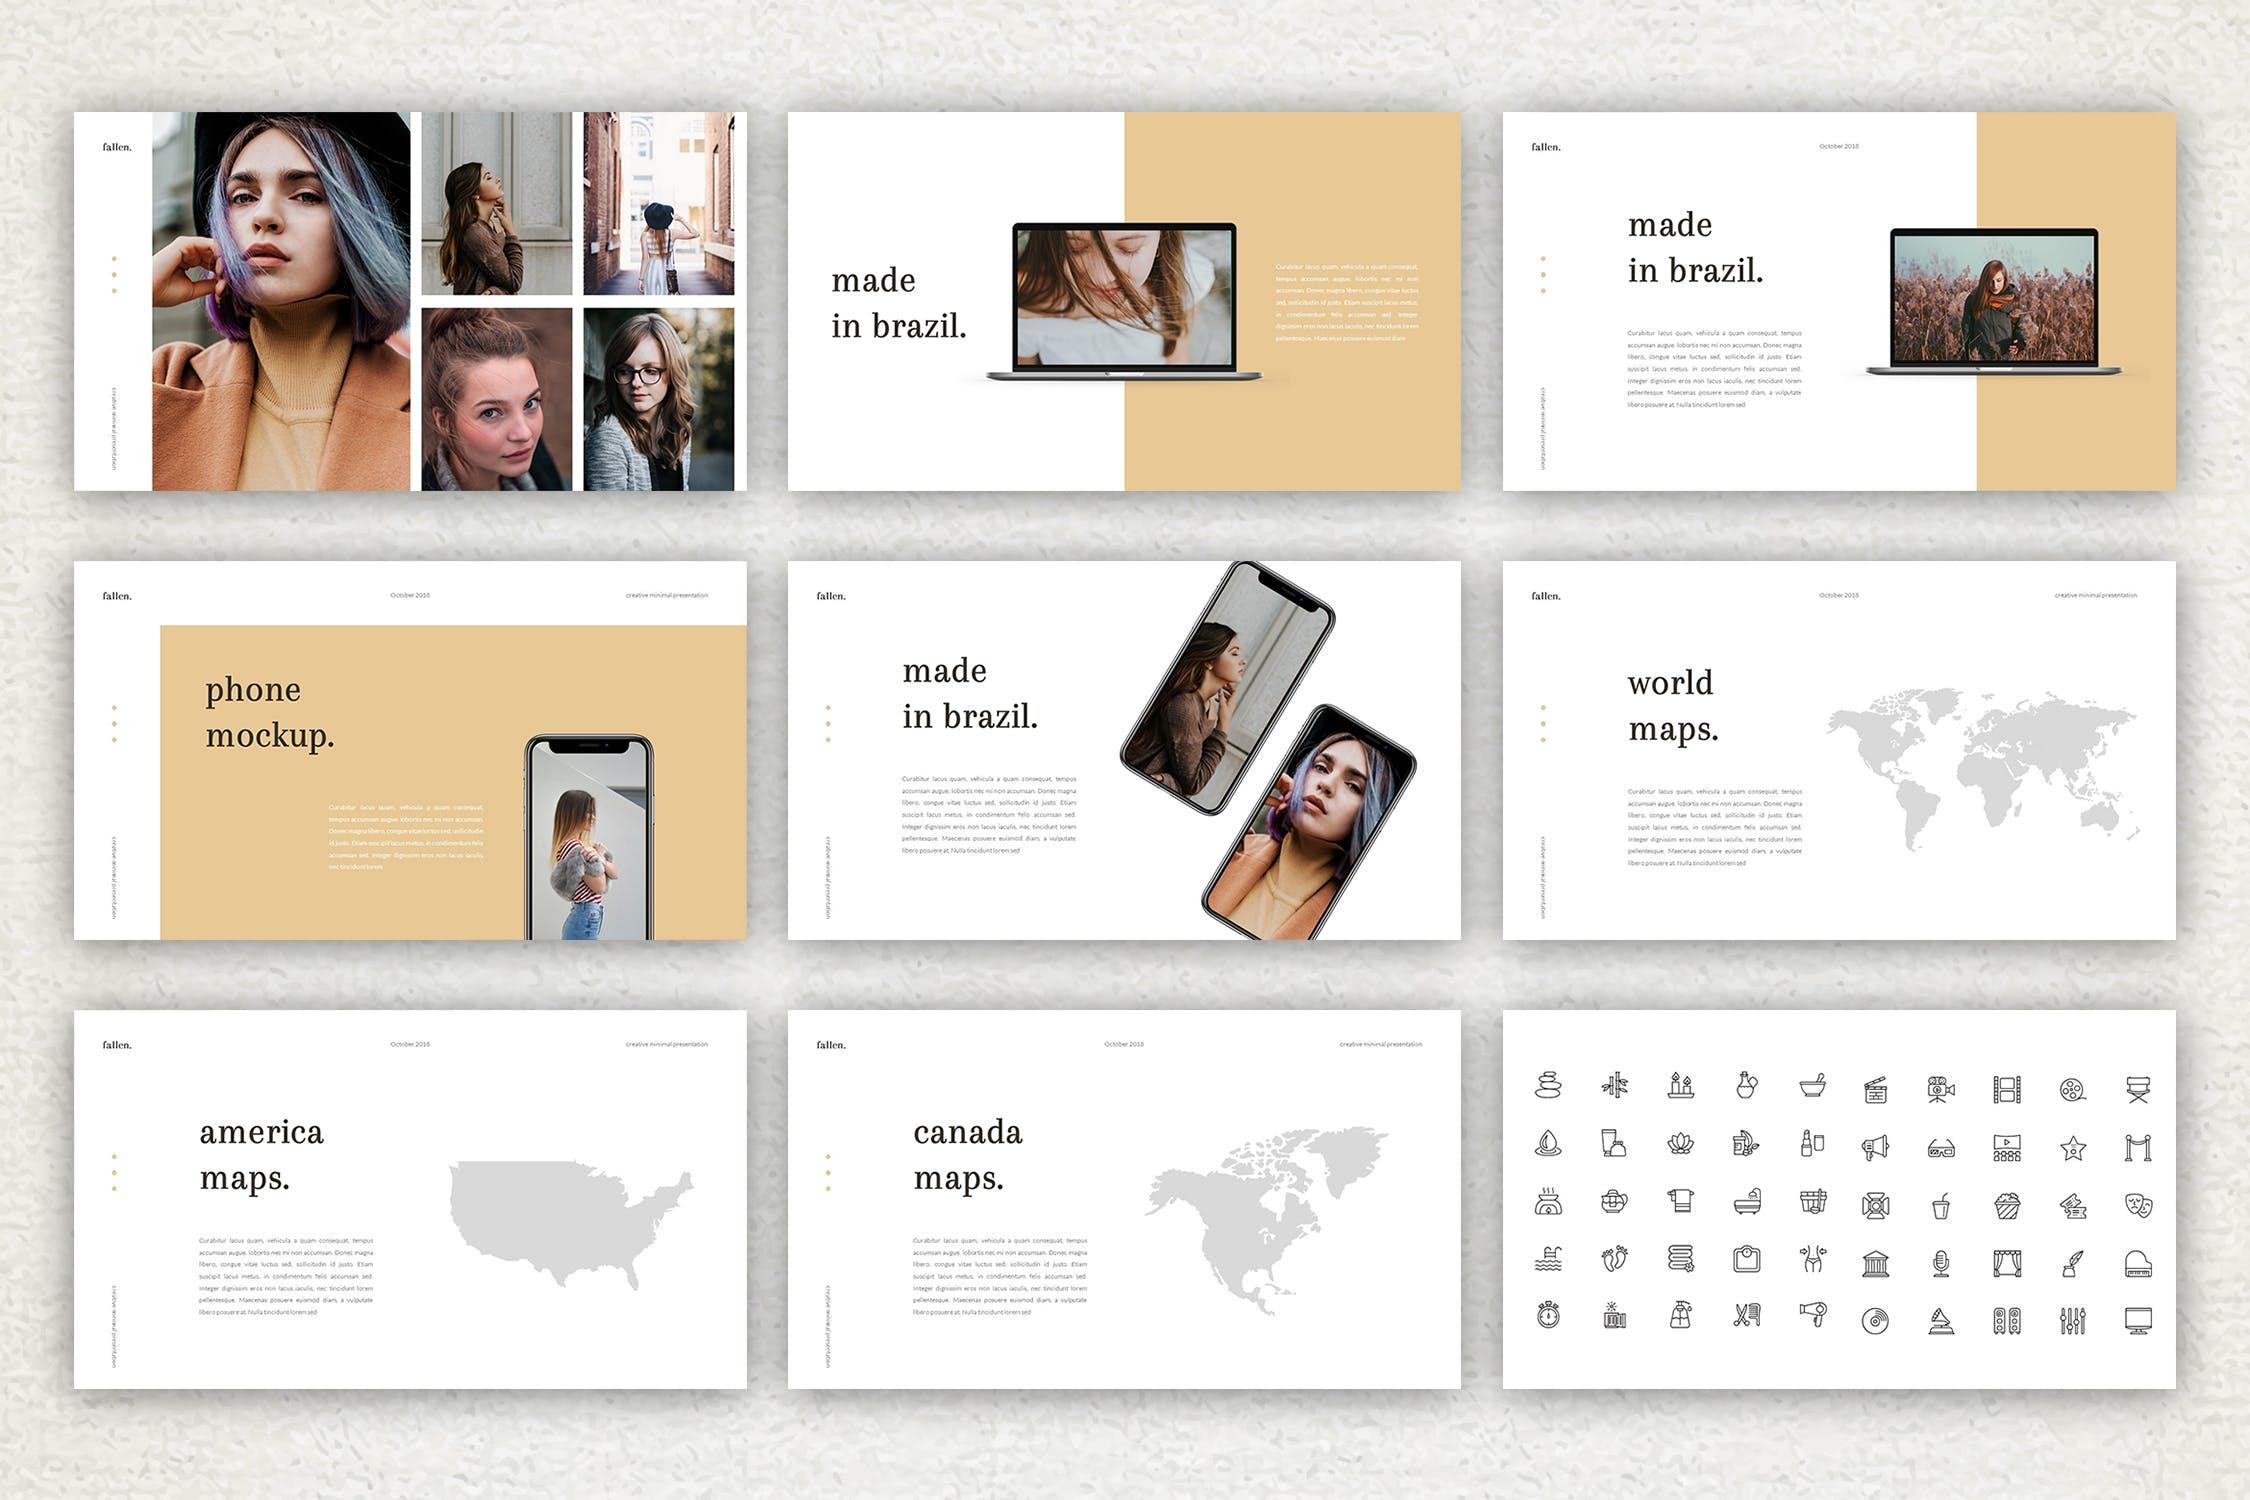 优雅简洁版式多用途活动展示和营销PPT幻灯片模板下载Fallen Keynote Template插图(8)